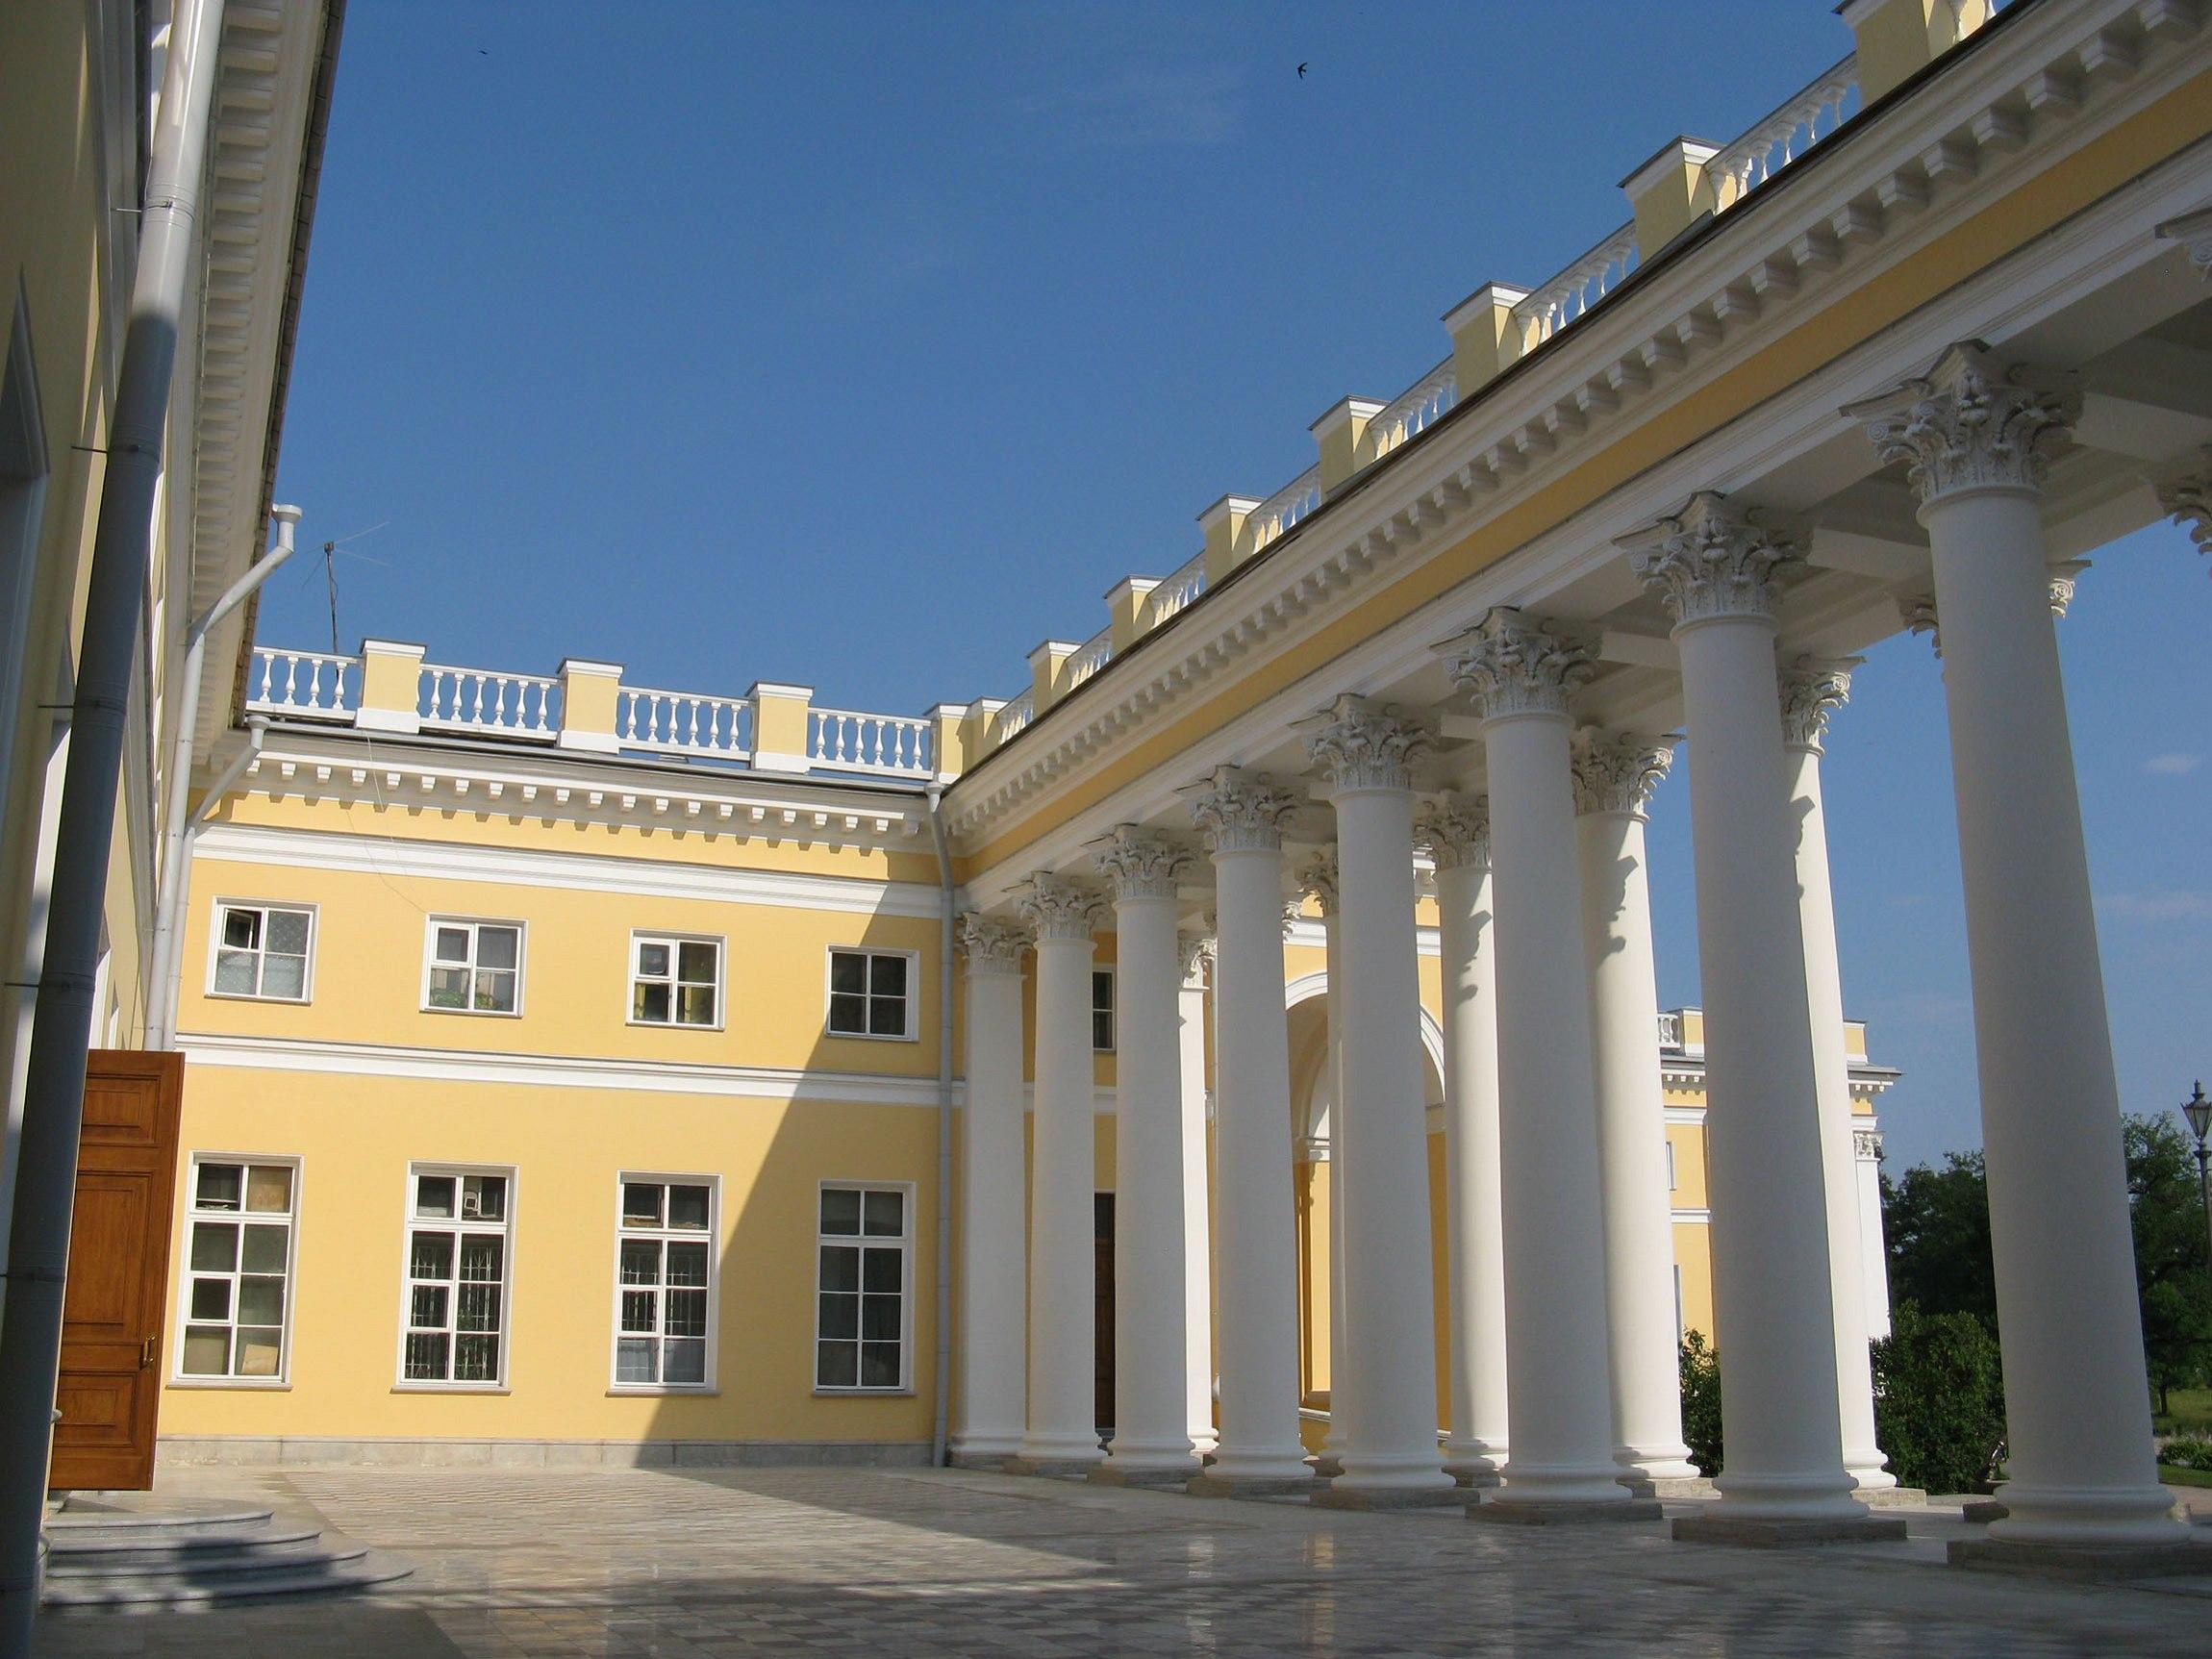 александровский дворец в царском селе фото линзы вредны